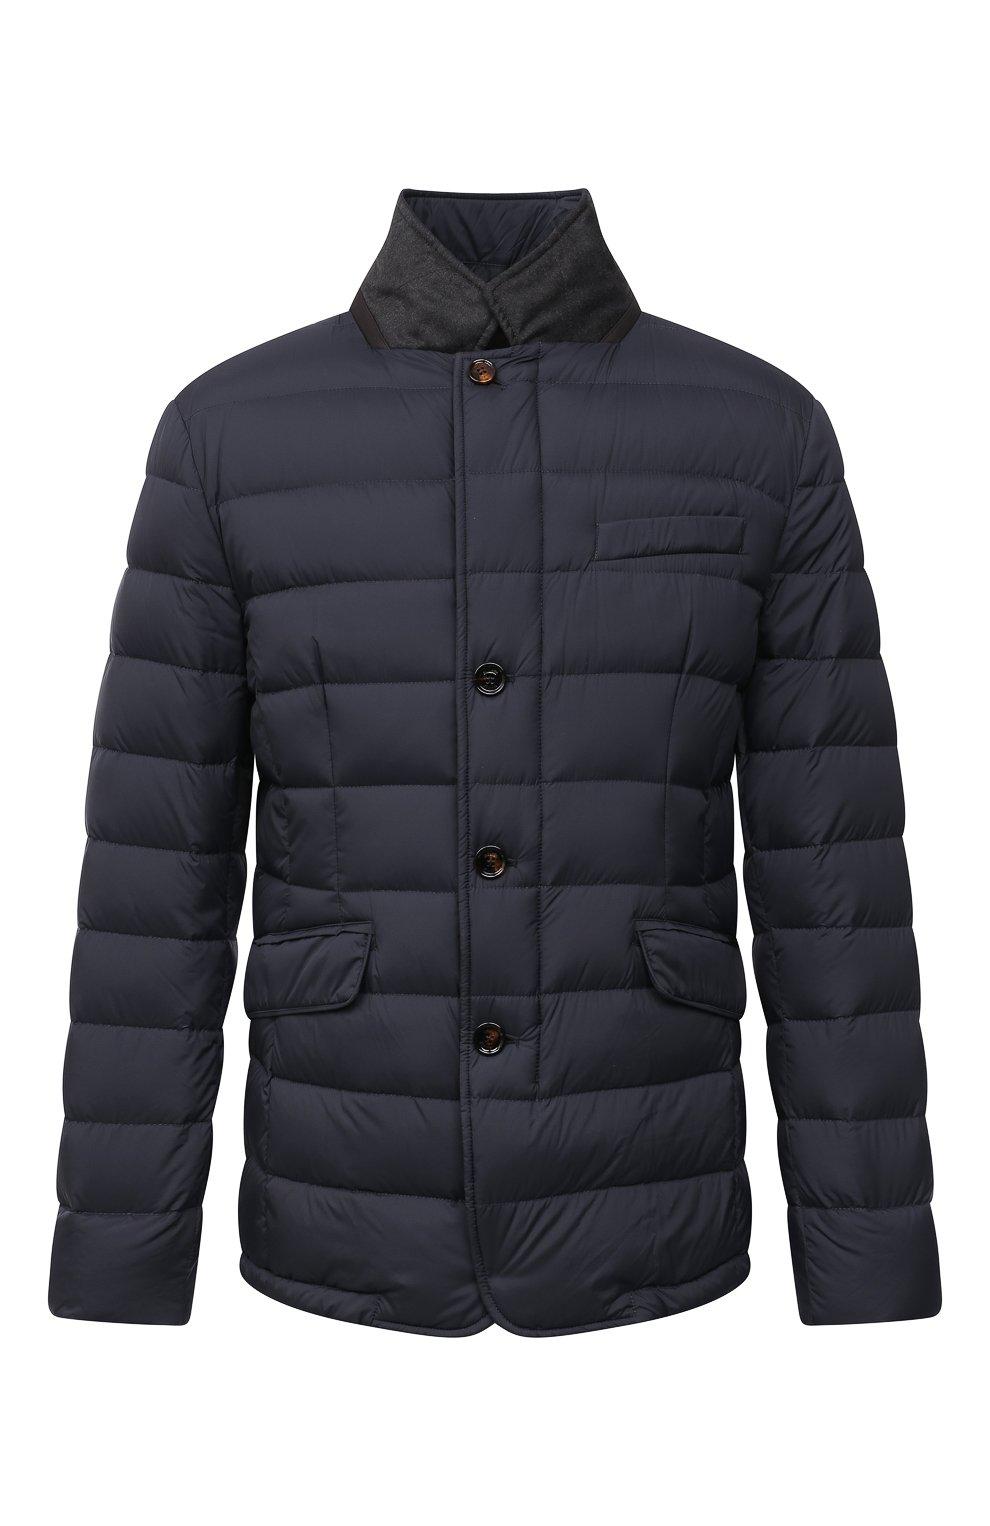 Мужская пуховая куртка zayn-op MOORER синего цвета, арт. ZAYN-0P/M0UGI100307-TEPA017 | Фото 1 (Кросс-КТ: Куртка; Мужское Кросс-КТ: пуховик-короткий; Рукава: Длинные; Материал внешний: Синтетический материал; Материал подклада: Синтетический материал; Длина (верхняя одежда): Короткие; Материал утеплителя: Пух и перо; Стили: Кэжуэл)